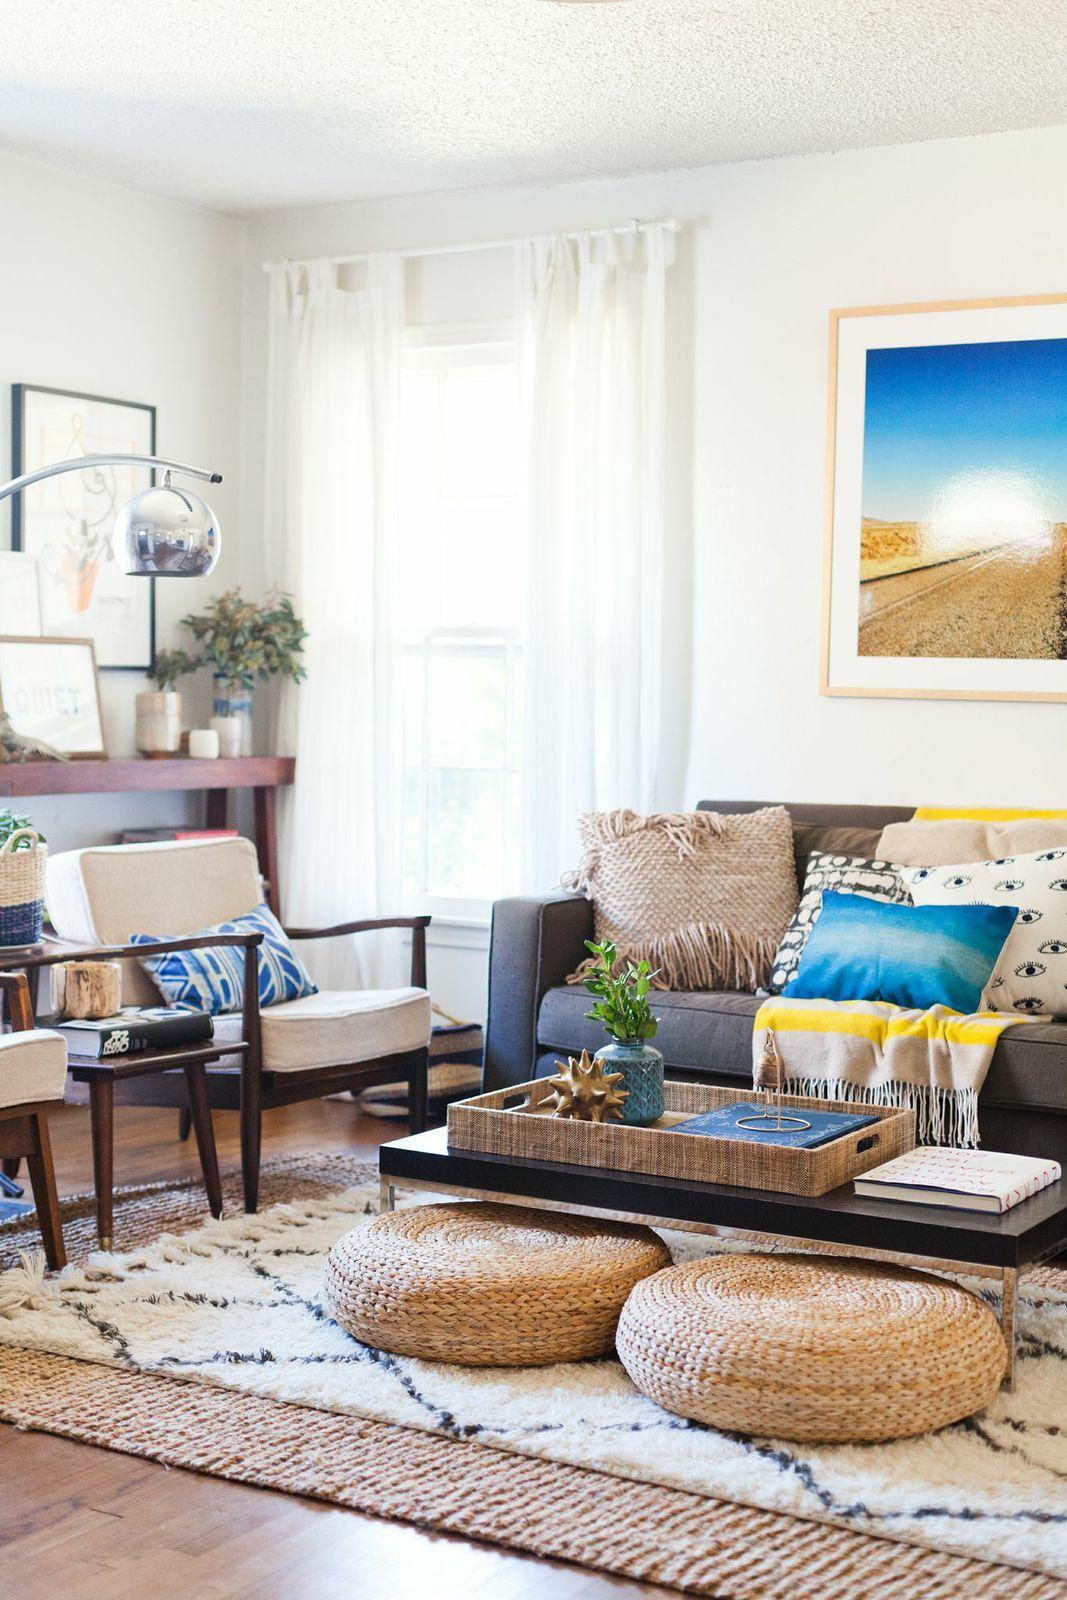 Neue wohnzimmer innenarchitektur tips for creating cozy spaces  wohnen  pinterest  wohnzimmer